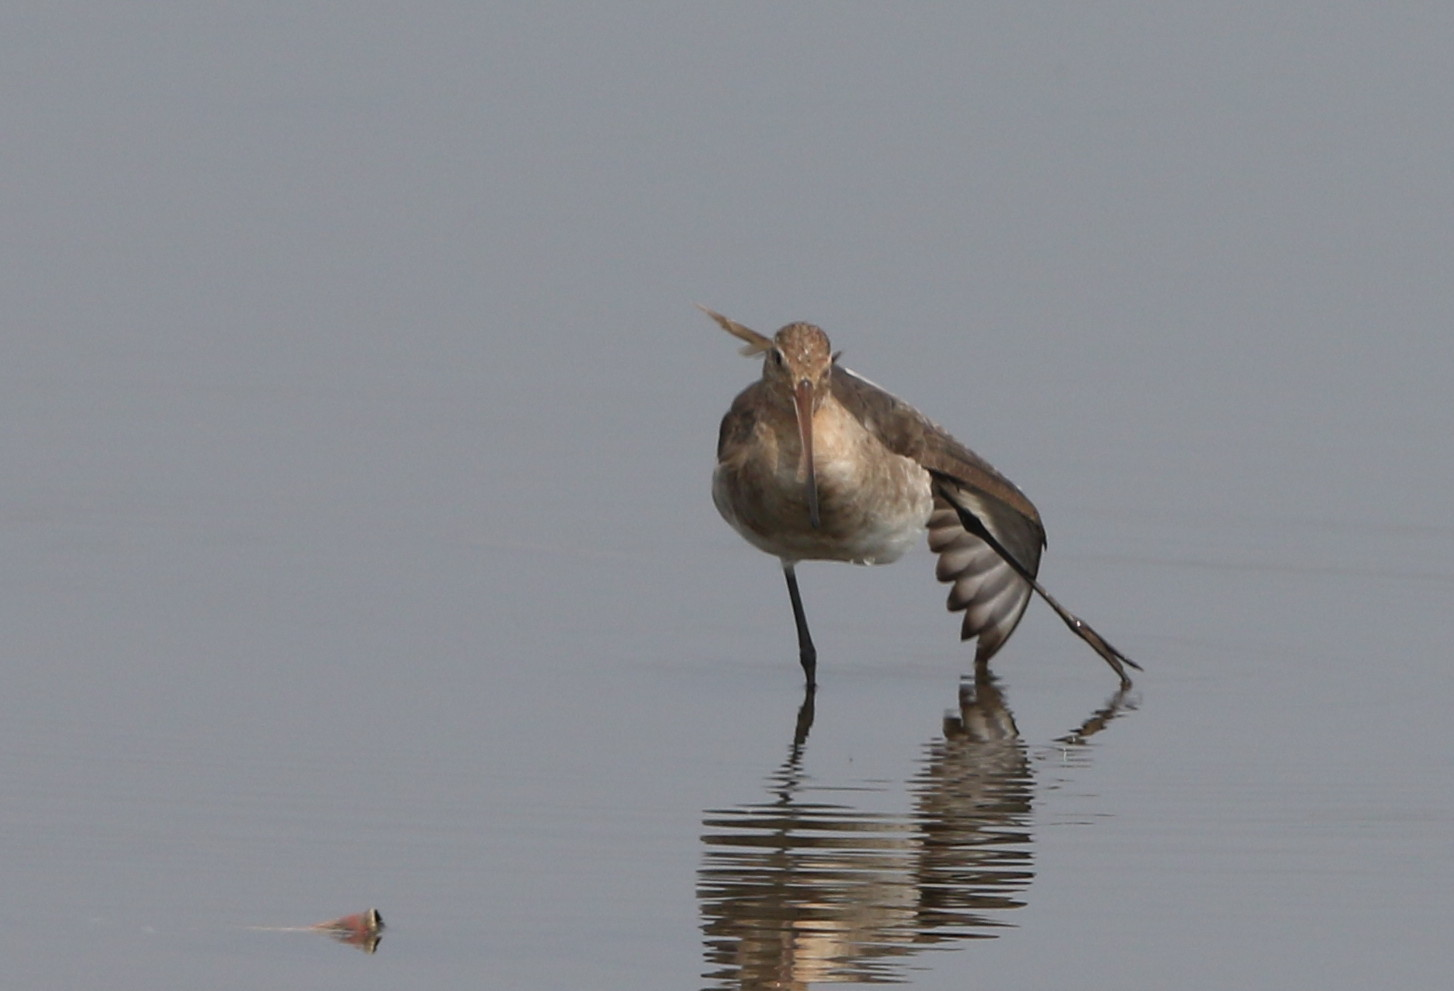 MFの沼でオグロシギを撮る_f0239515_2148387.jpg